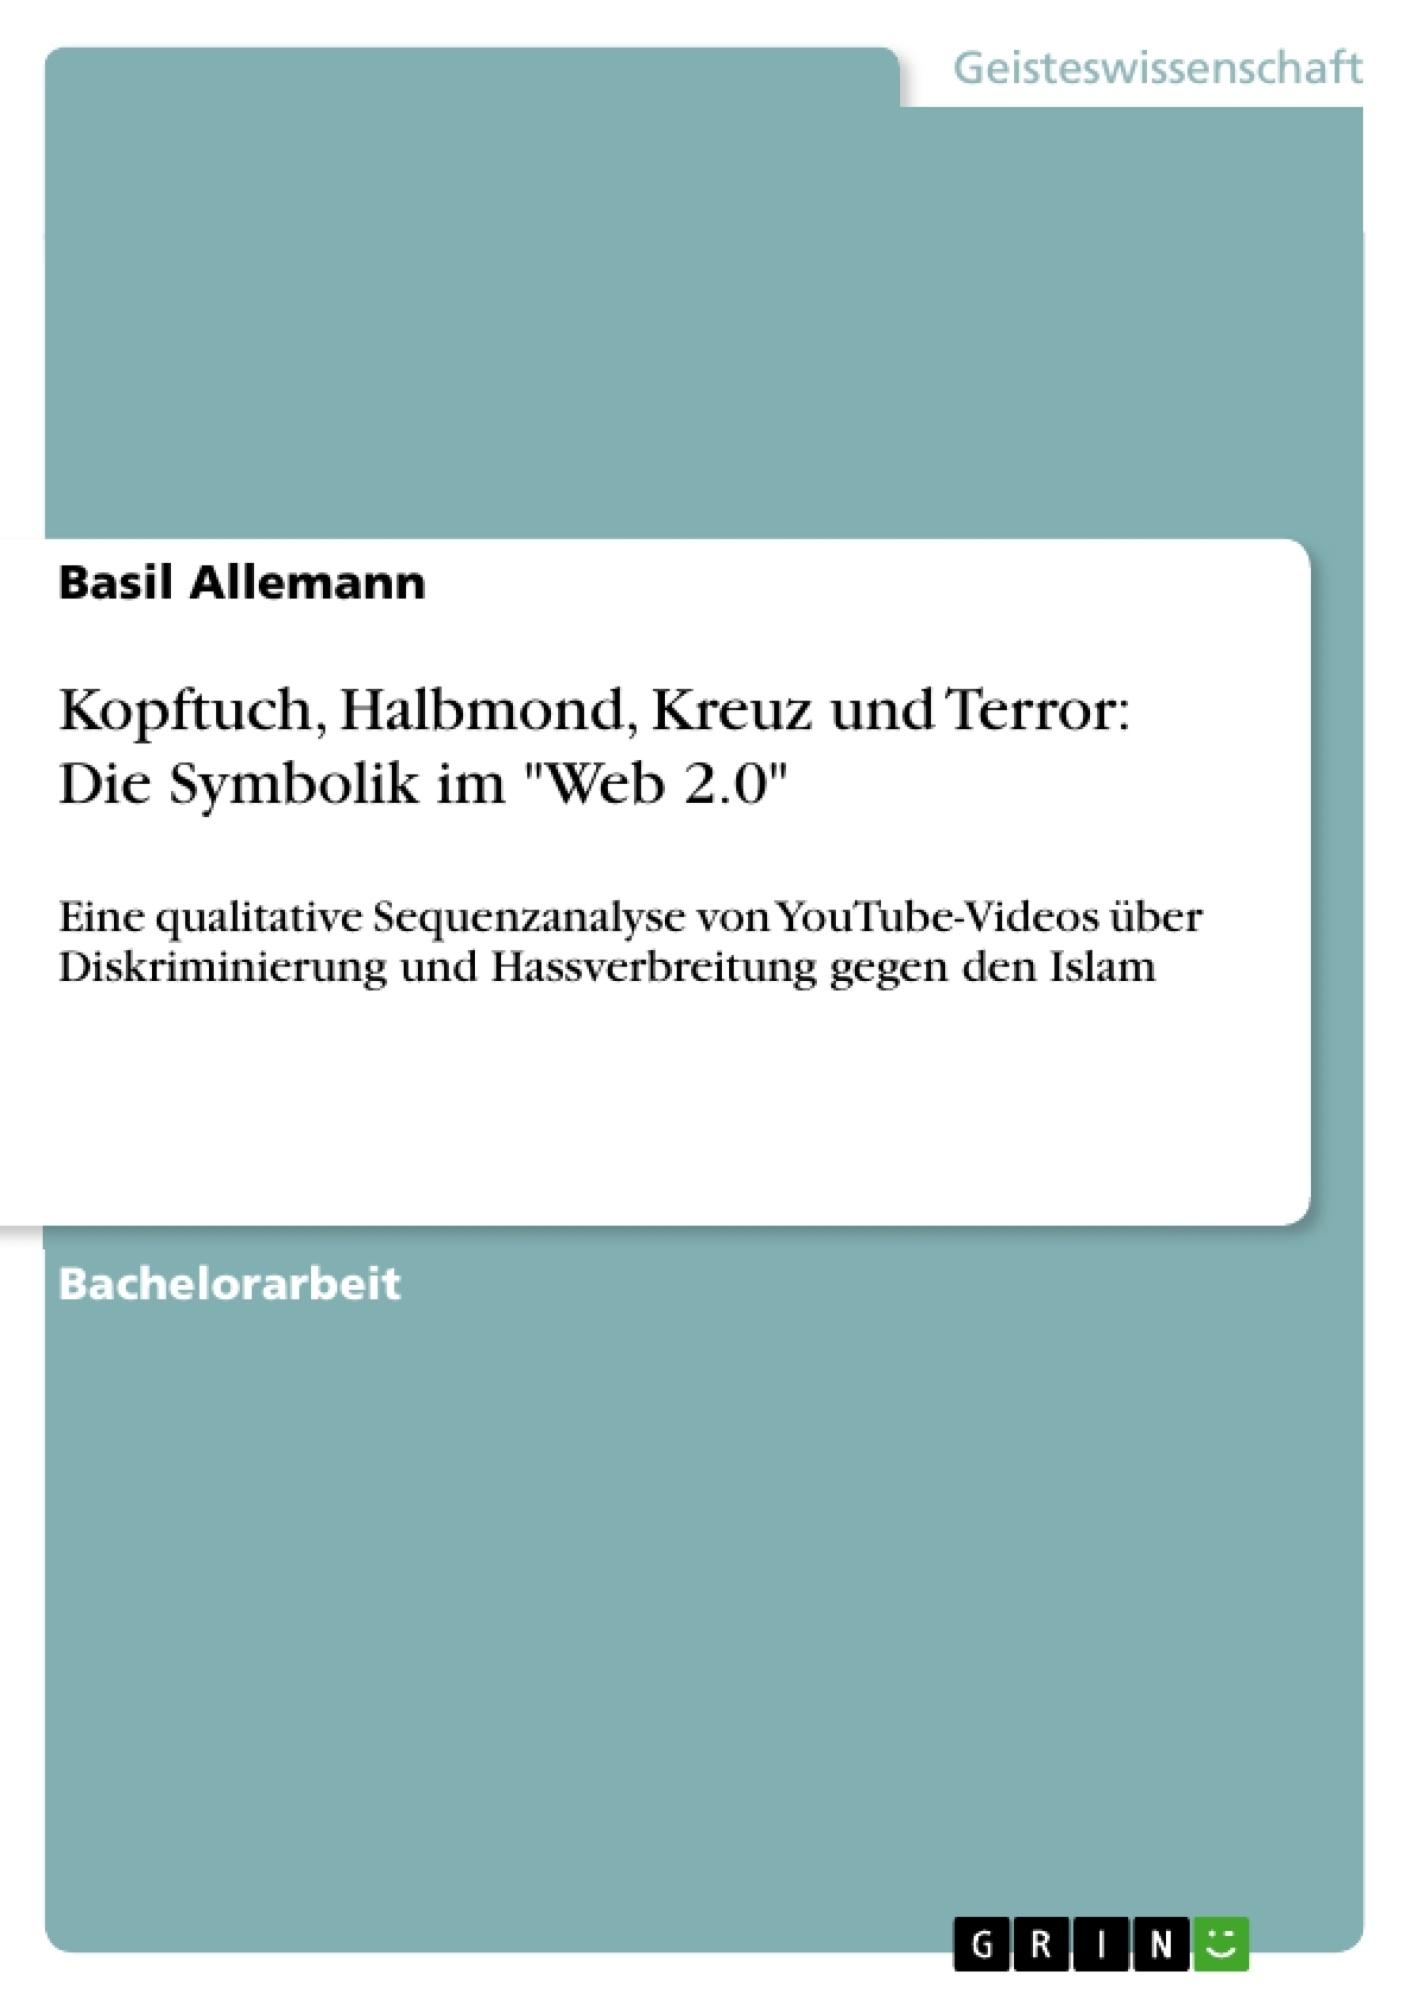 """Titel: Kopftuch, Halbmond, Kreuz und Terror: Die Symbolik im """"Web 2.0"""""""